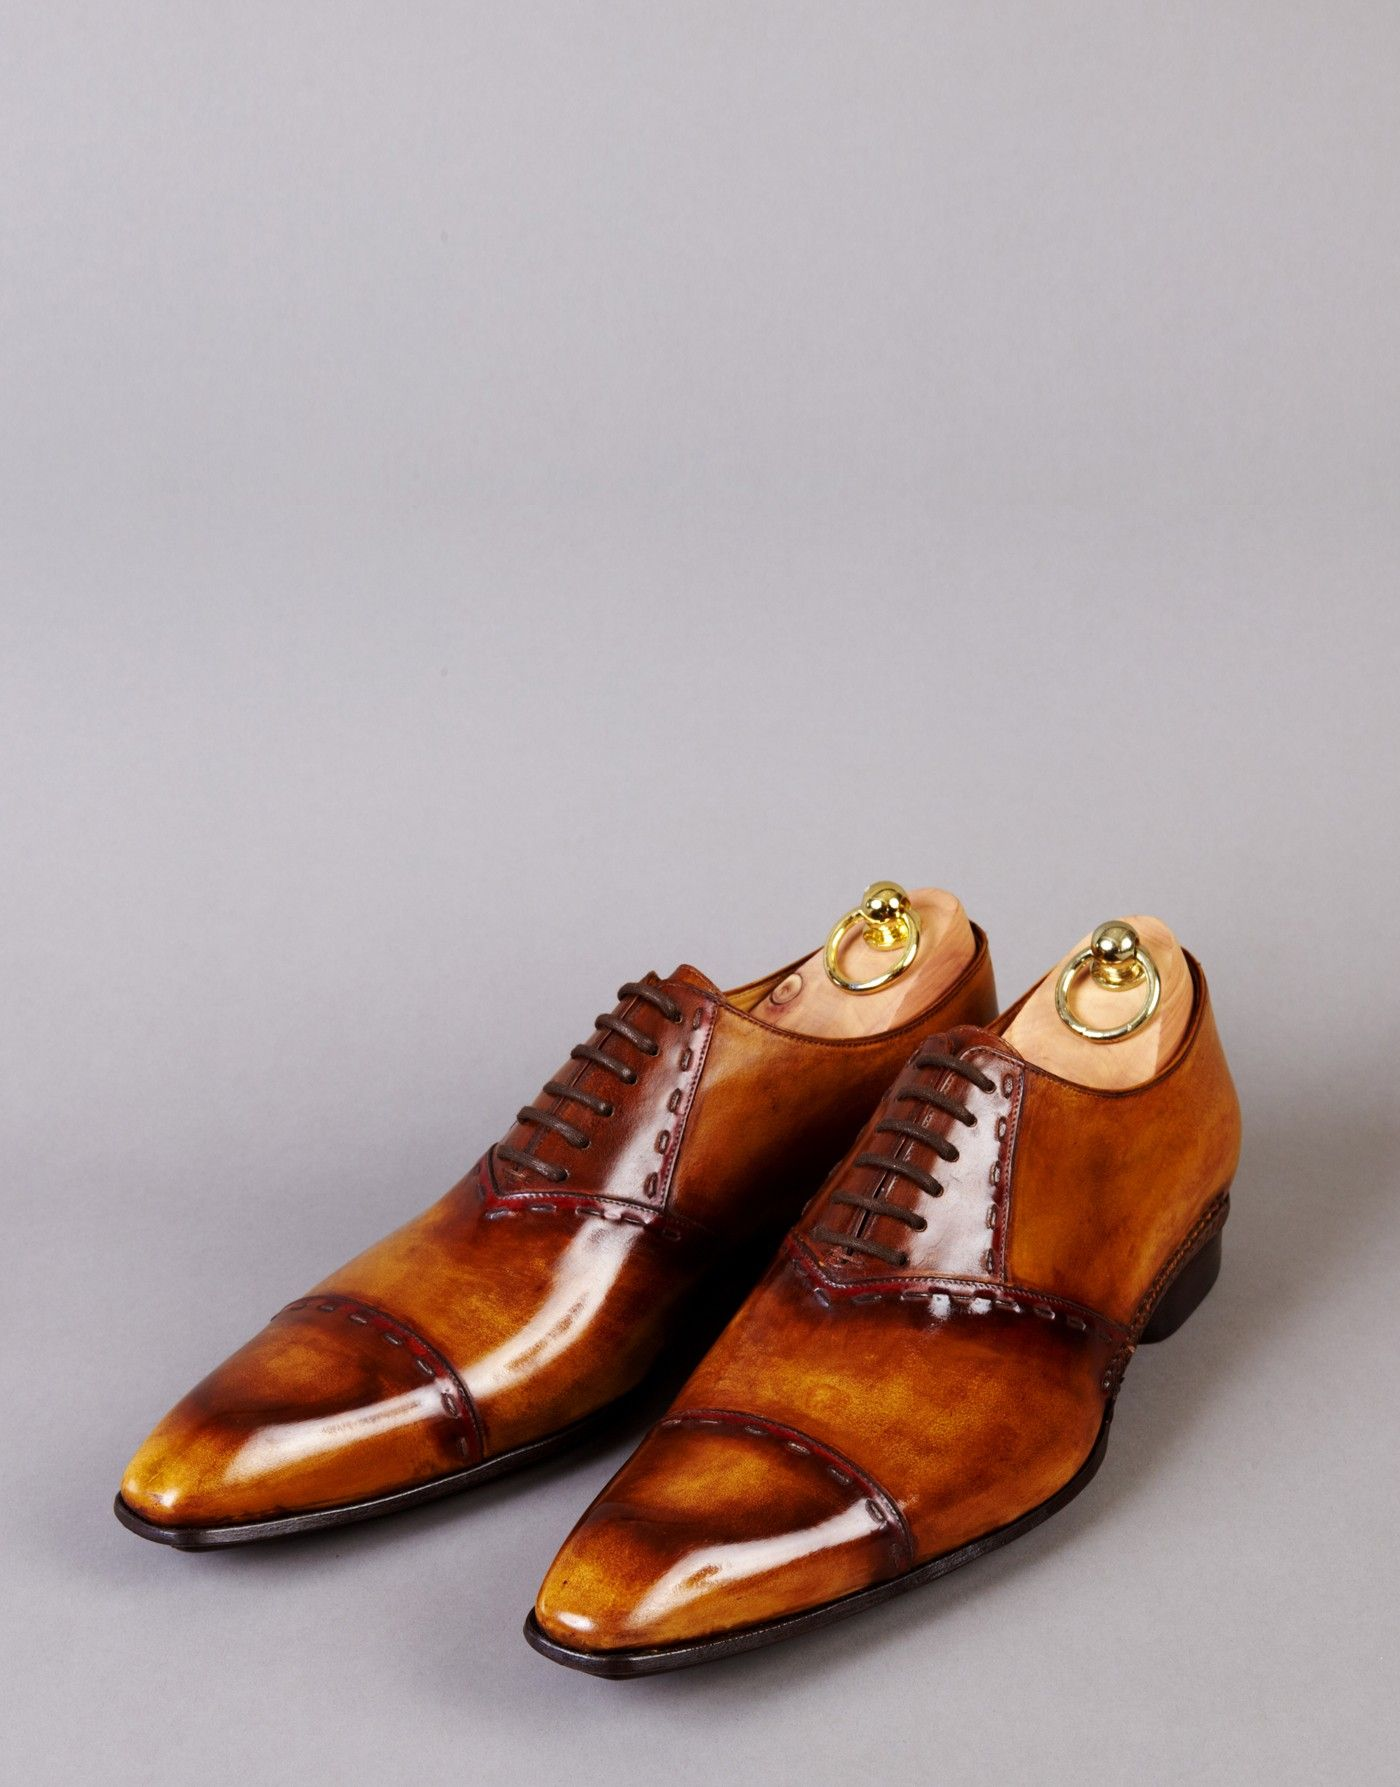 Henrique enko pr t porter haut de gamme chaussures en cuir patin es pour homme men 39 s - Pret a porter haut de gamme ...